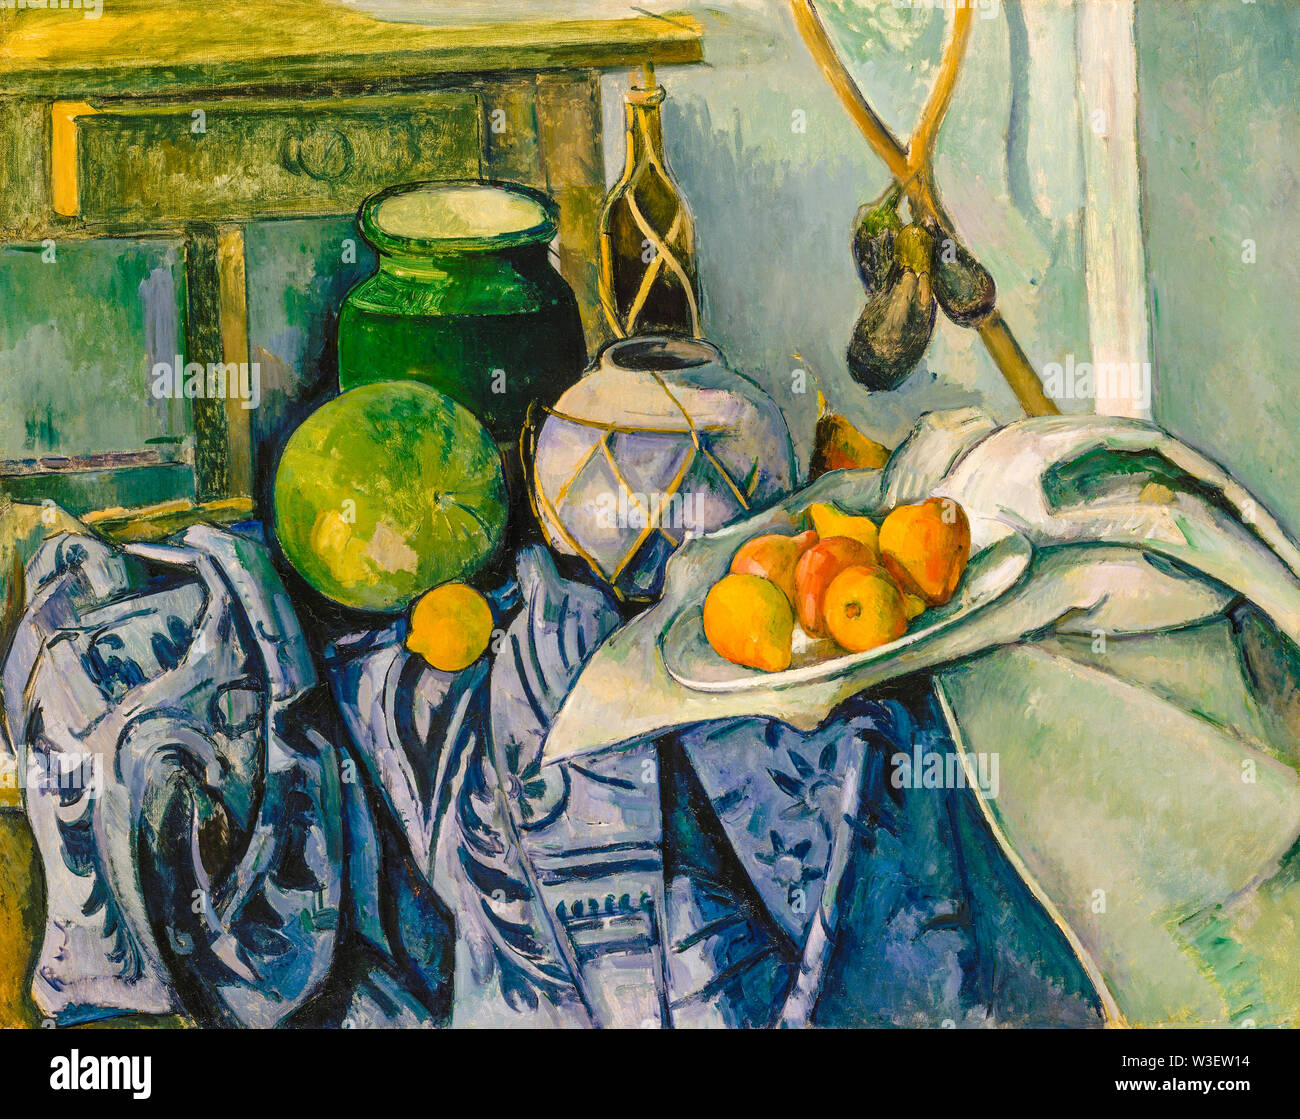 Paul Cézanne, Bodegón con jarra de jengibre y berenjenas, pintura, 1893-1894 Imagen De Stock